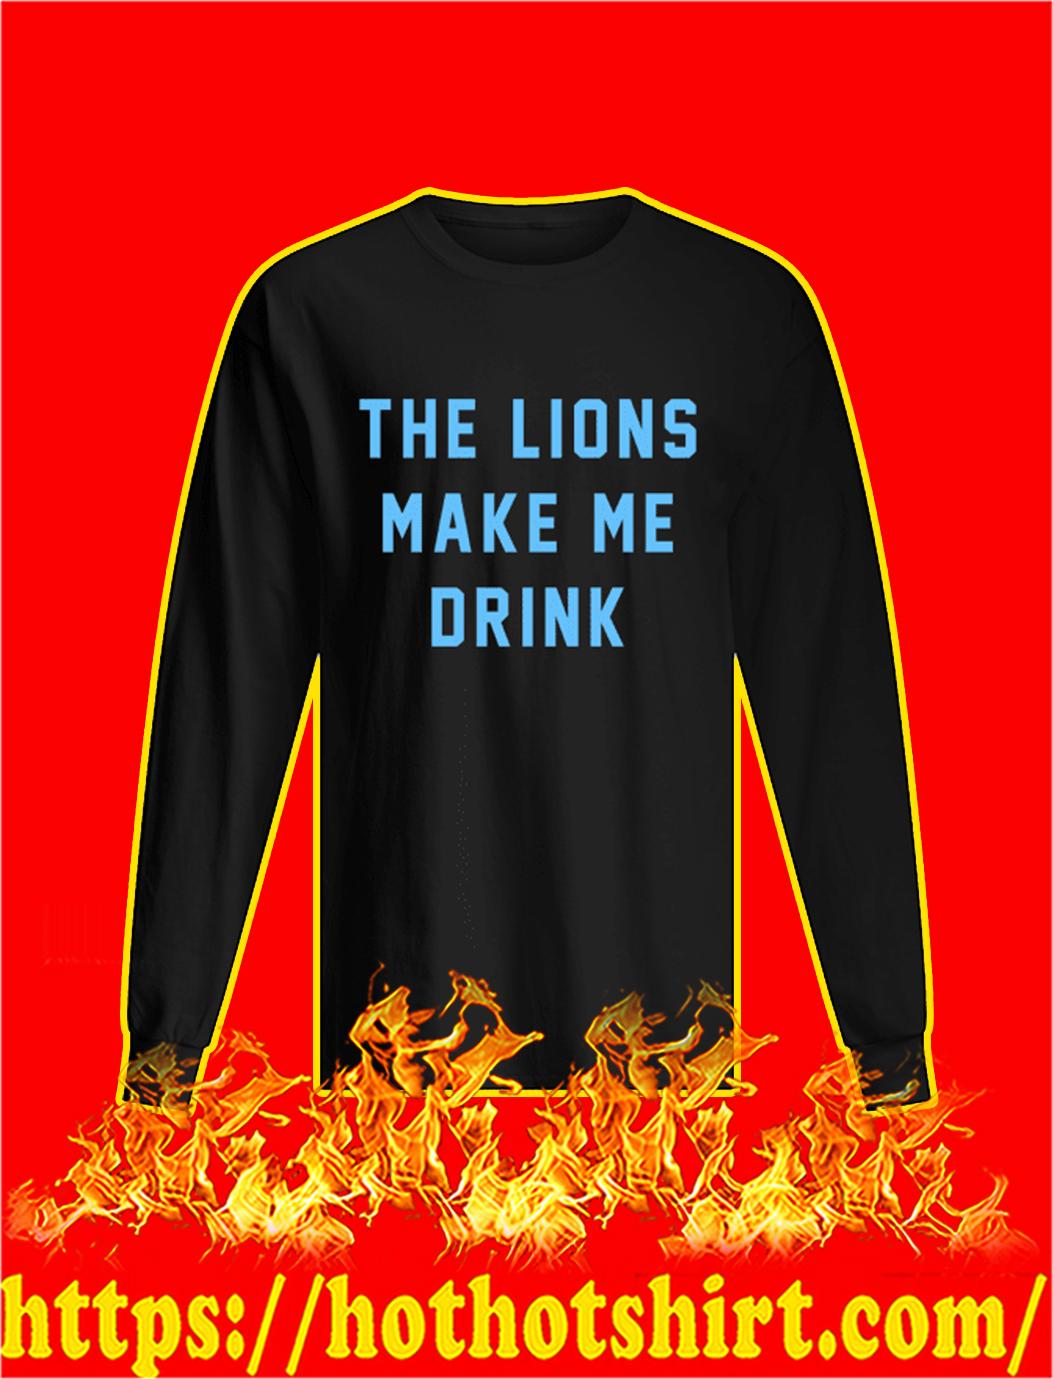 The Lions Make Me Drink longsleeve tee